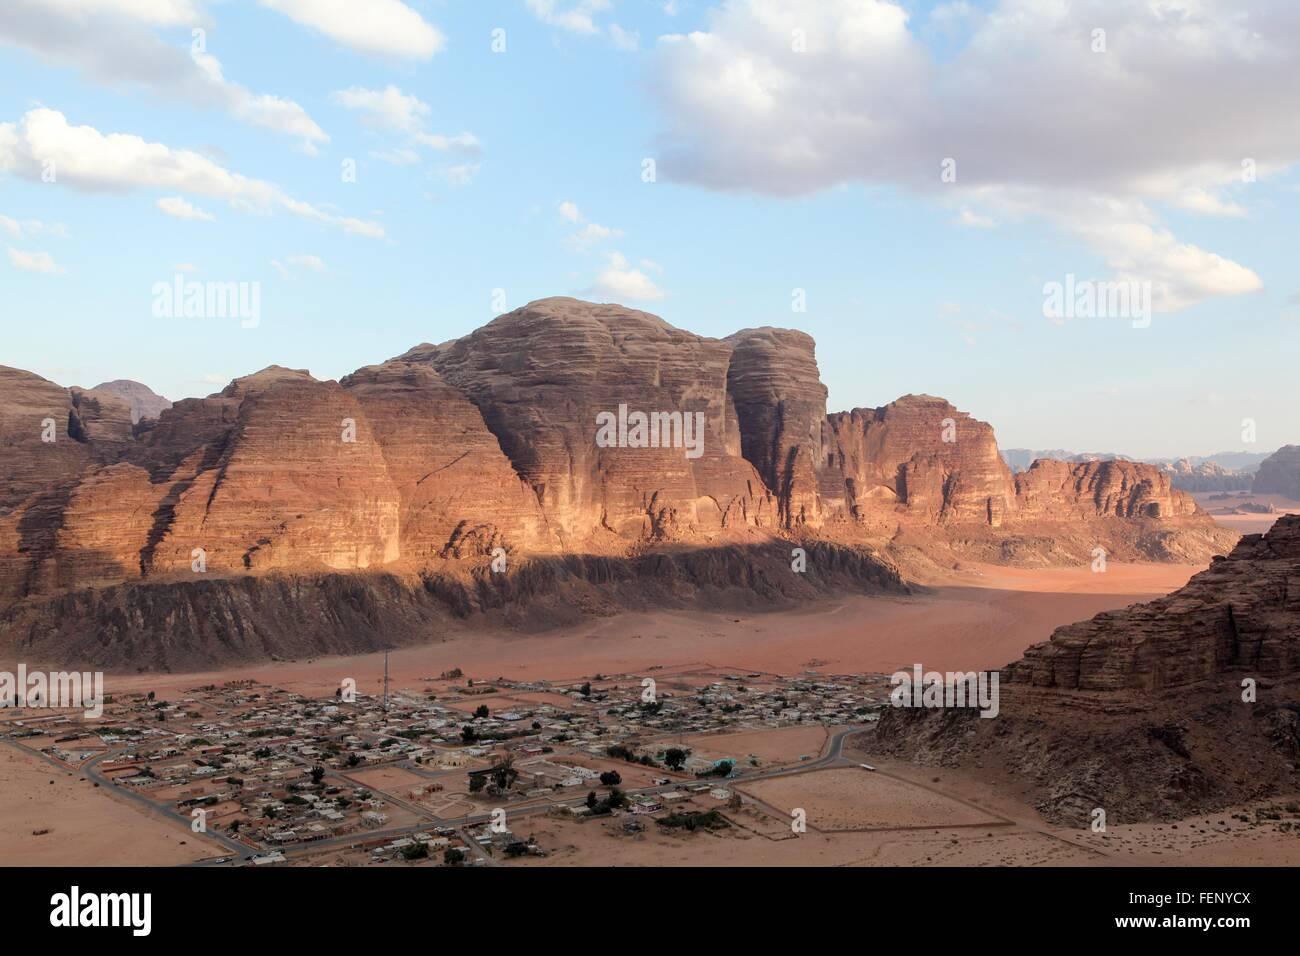 Vista elevada del municipio por cordillera, Wadi Ram, Jordania Imagen De Stock